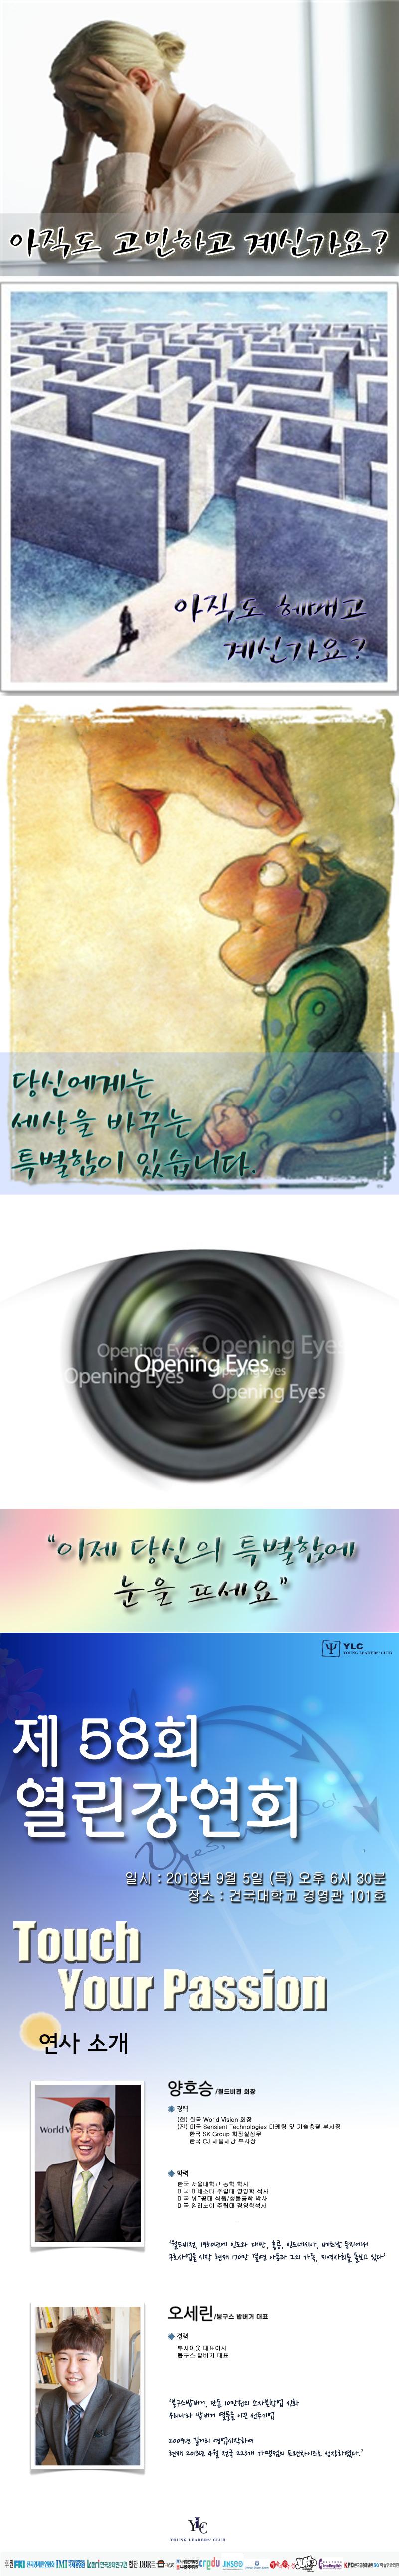 열린강연회 웹플라이어.jpg